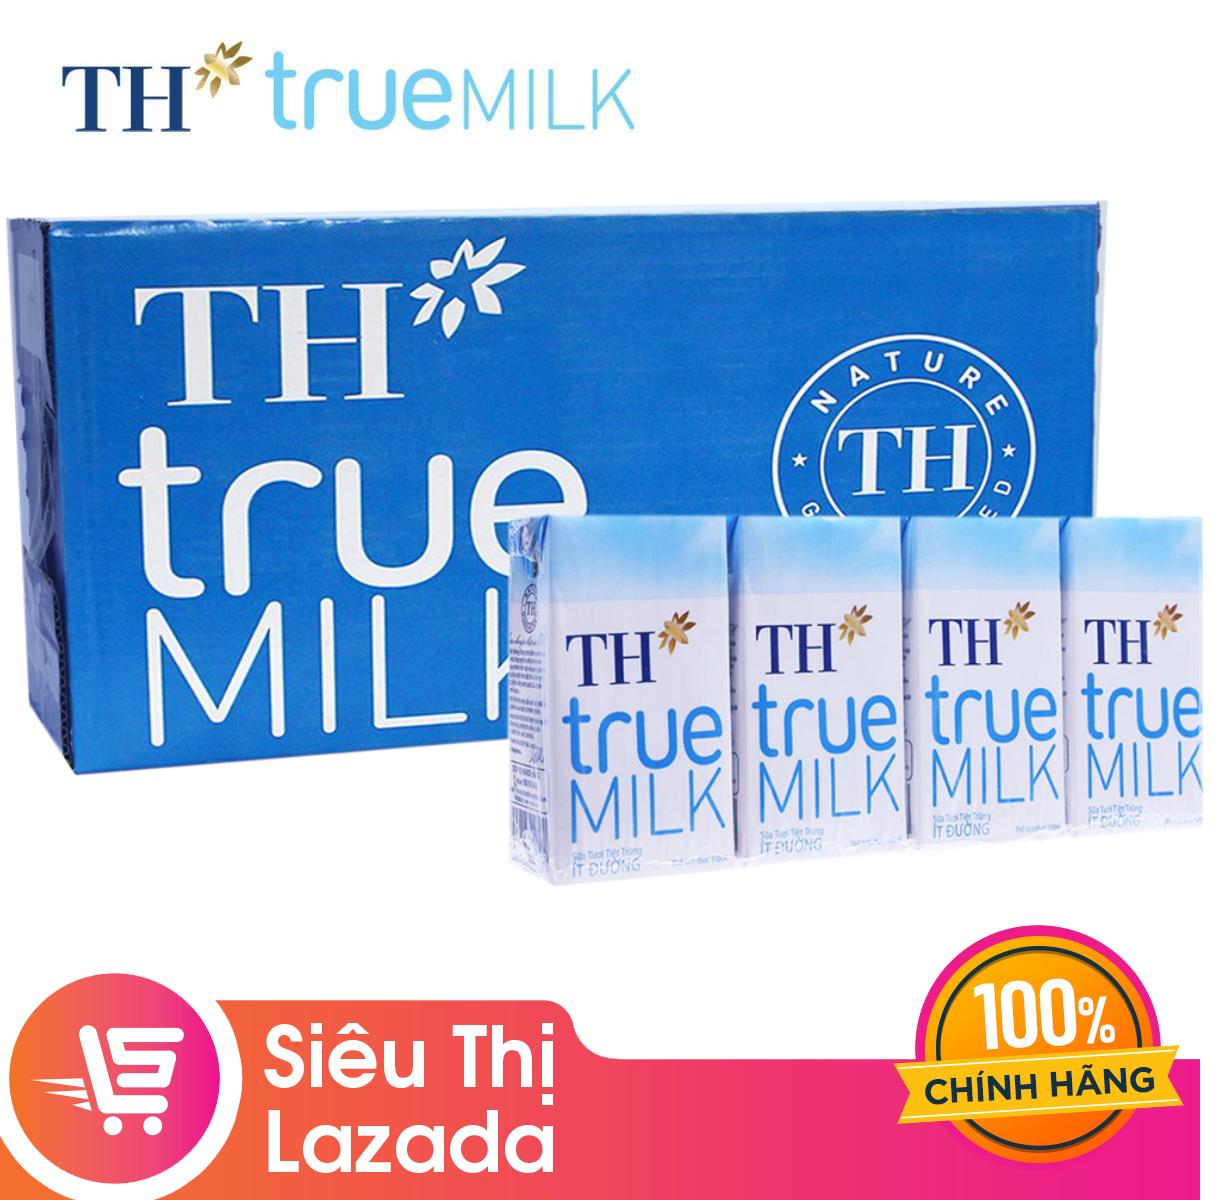 [Siêu thị Lazada]Thùng 48 hộp sữa tươi tiệt trùng ít đường TH True Milk (48 hộp x 110ml) dinh dưỡng tự nhiên tốt cho sức khỏe